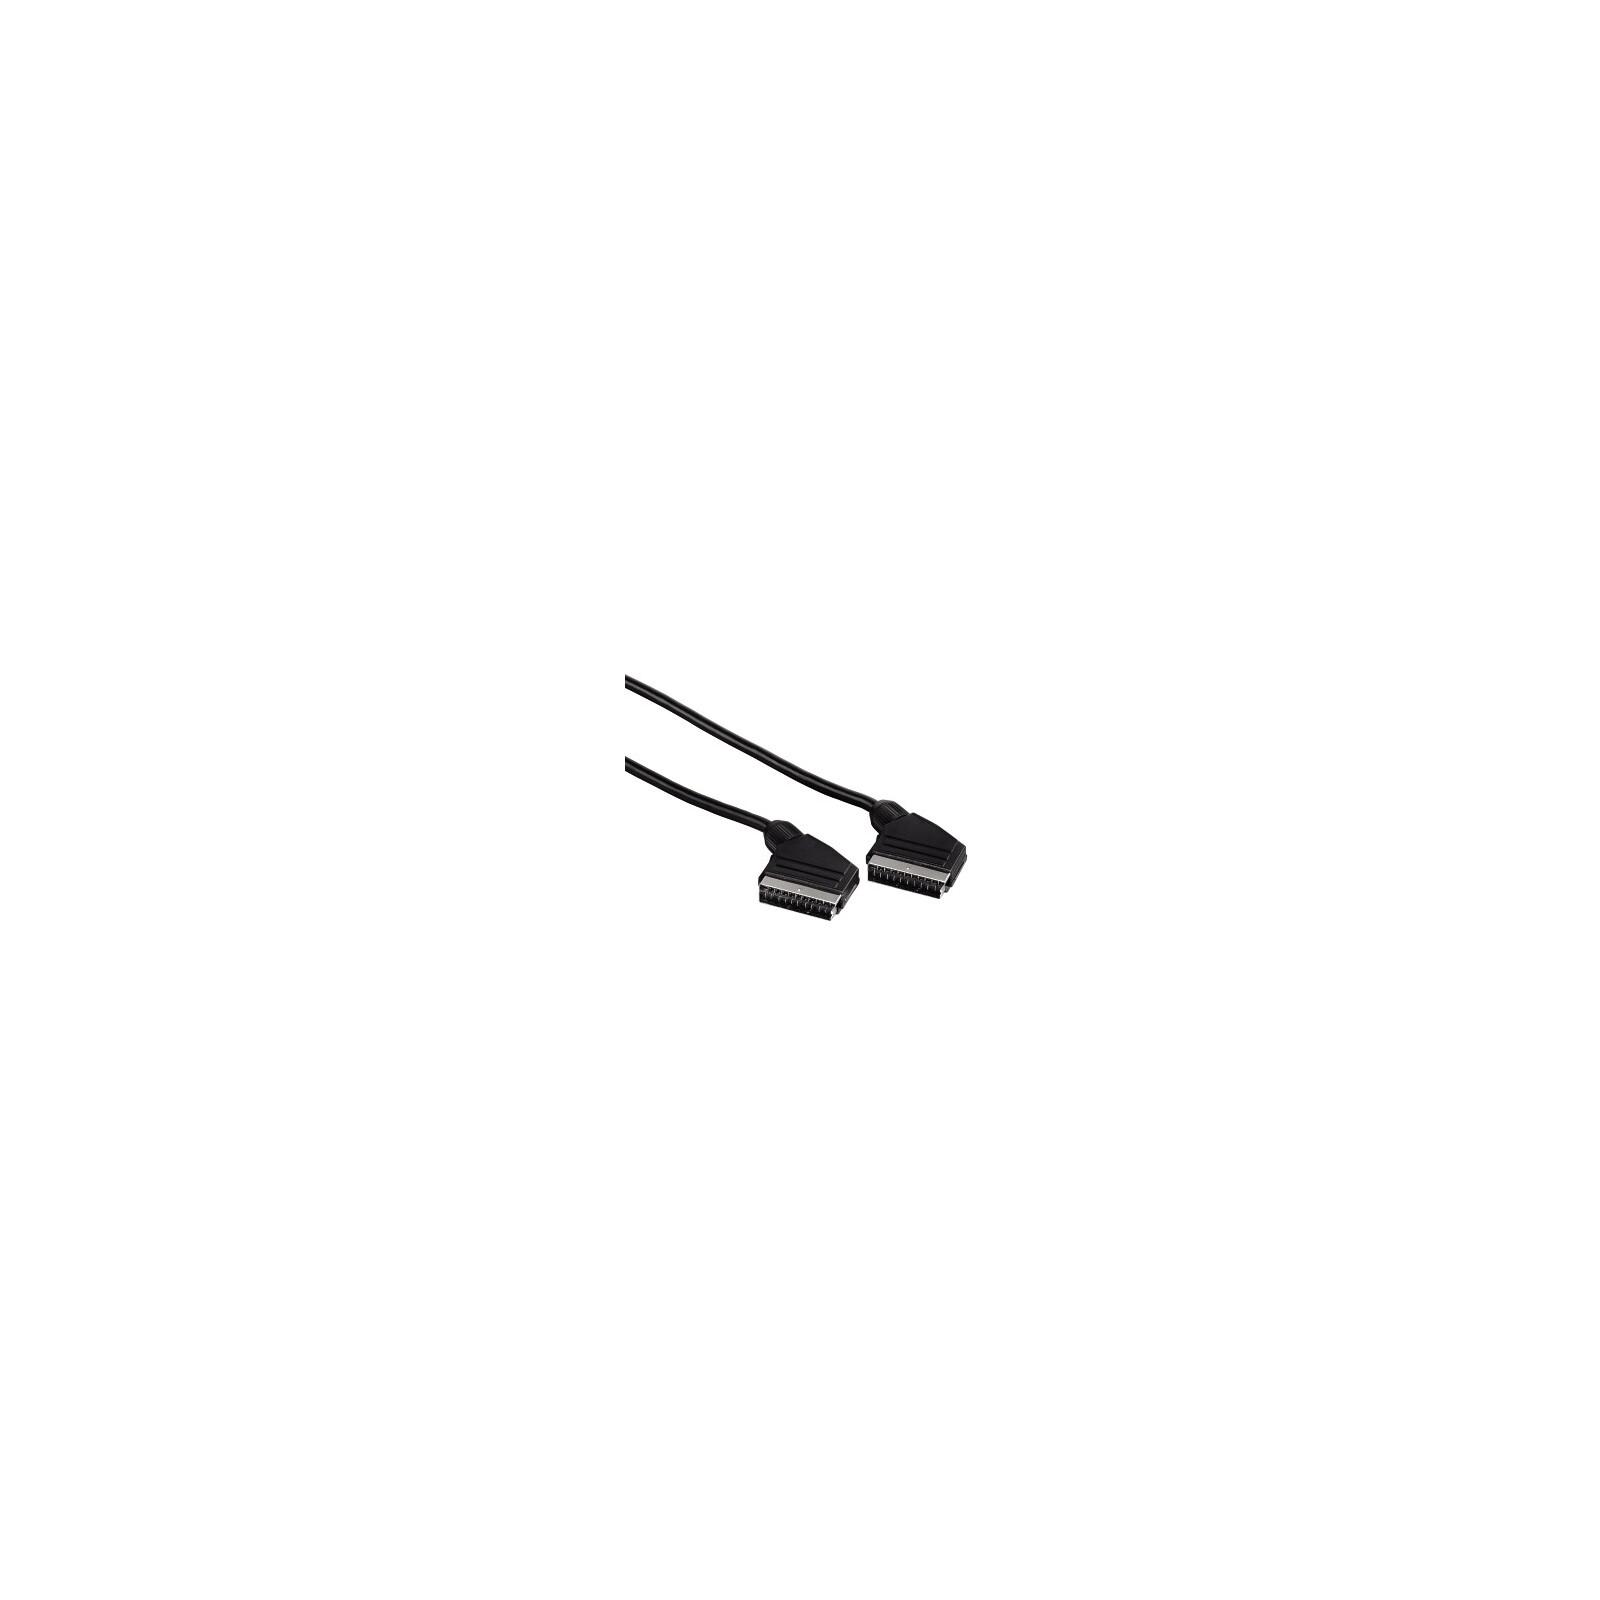 Hama Scart Kabel Stecker - Stecker 1,5 m Schwarz